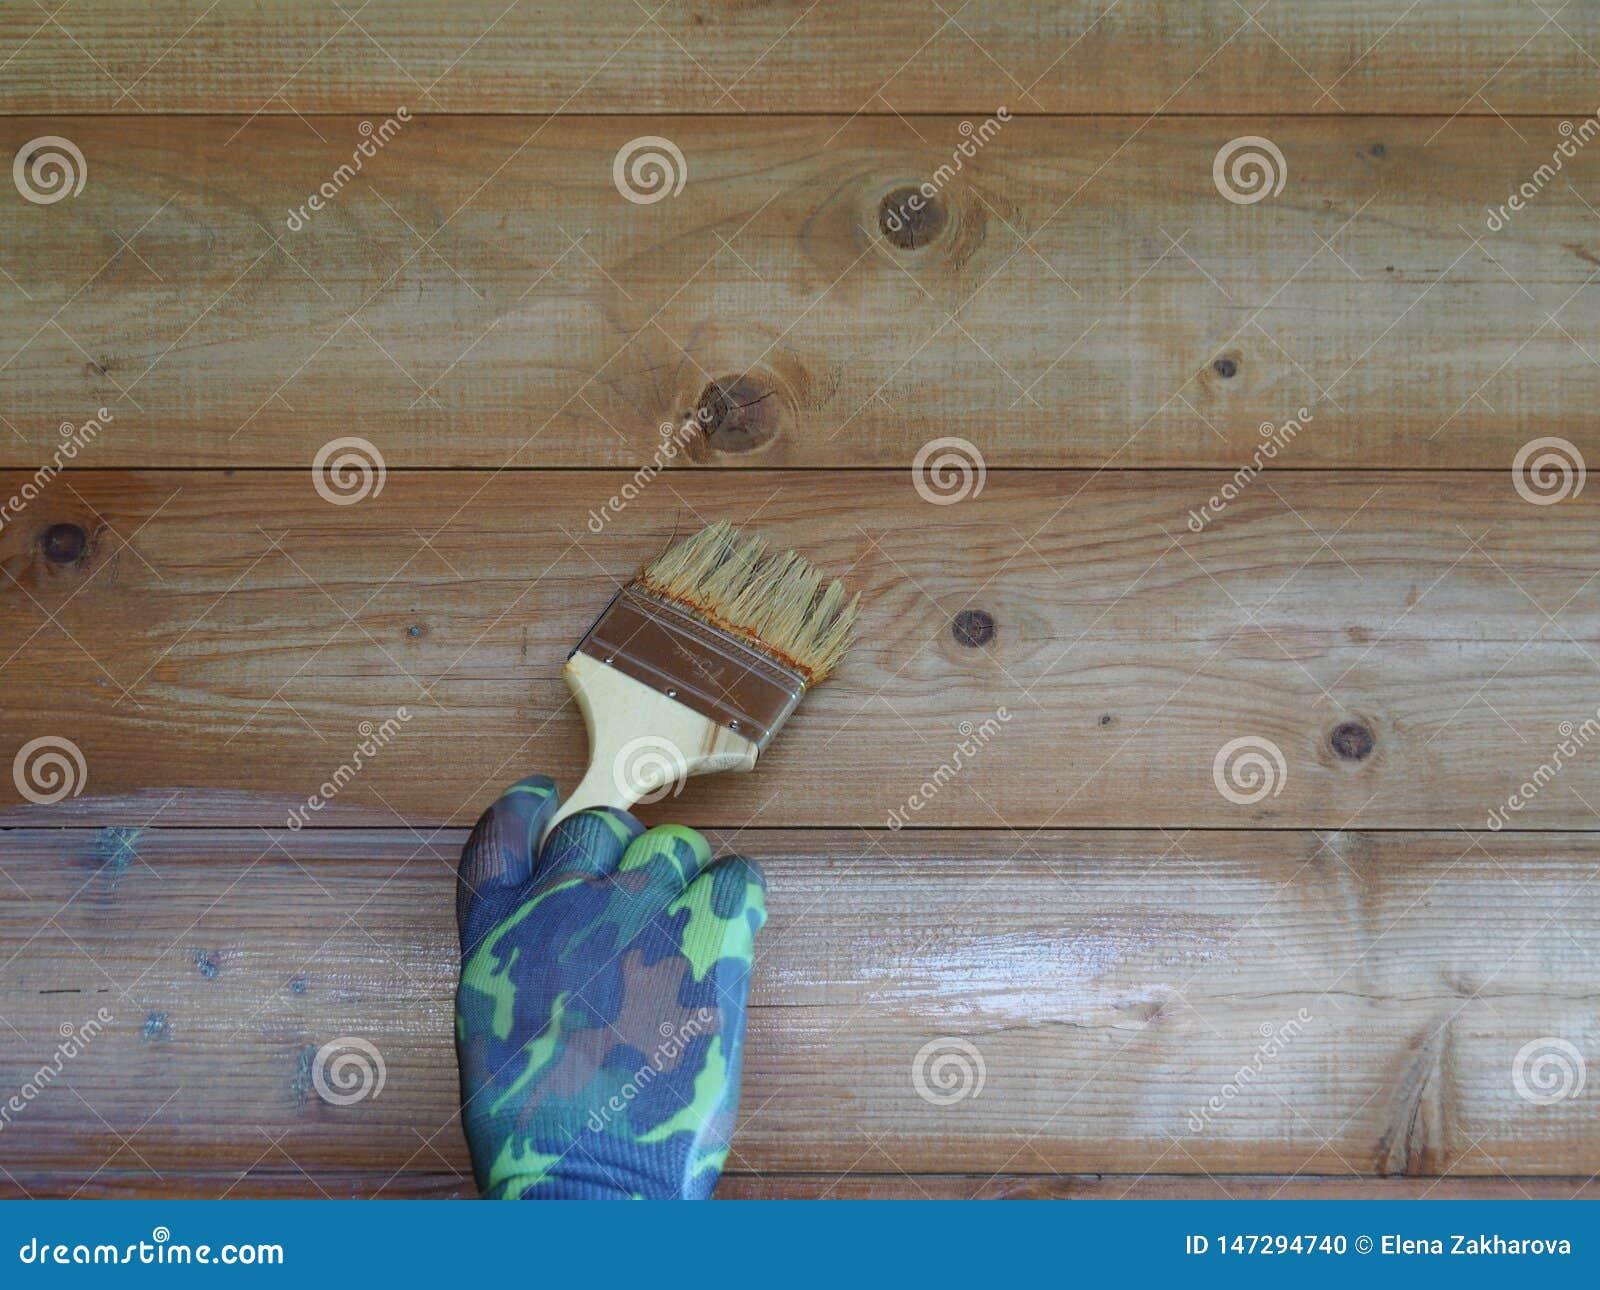 Рука человека с щеткой для того чтобы покрасить деревянную стену